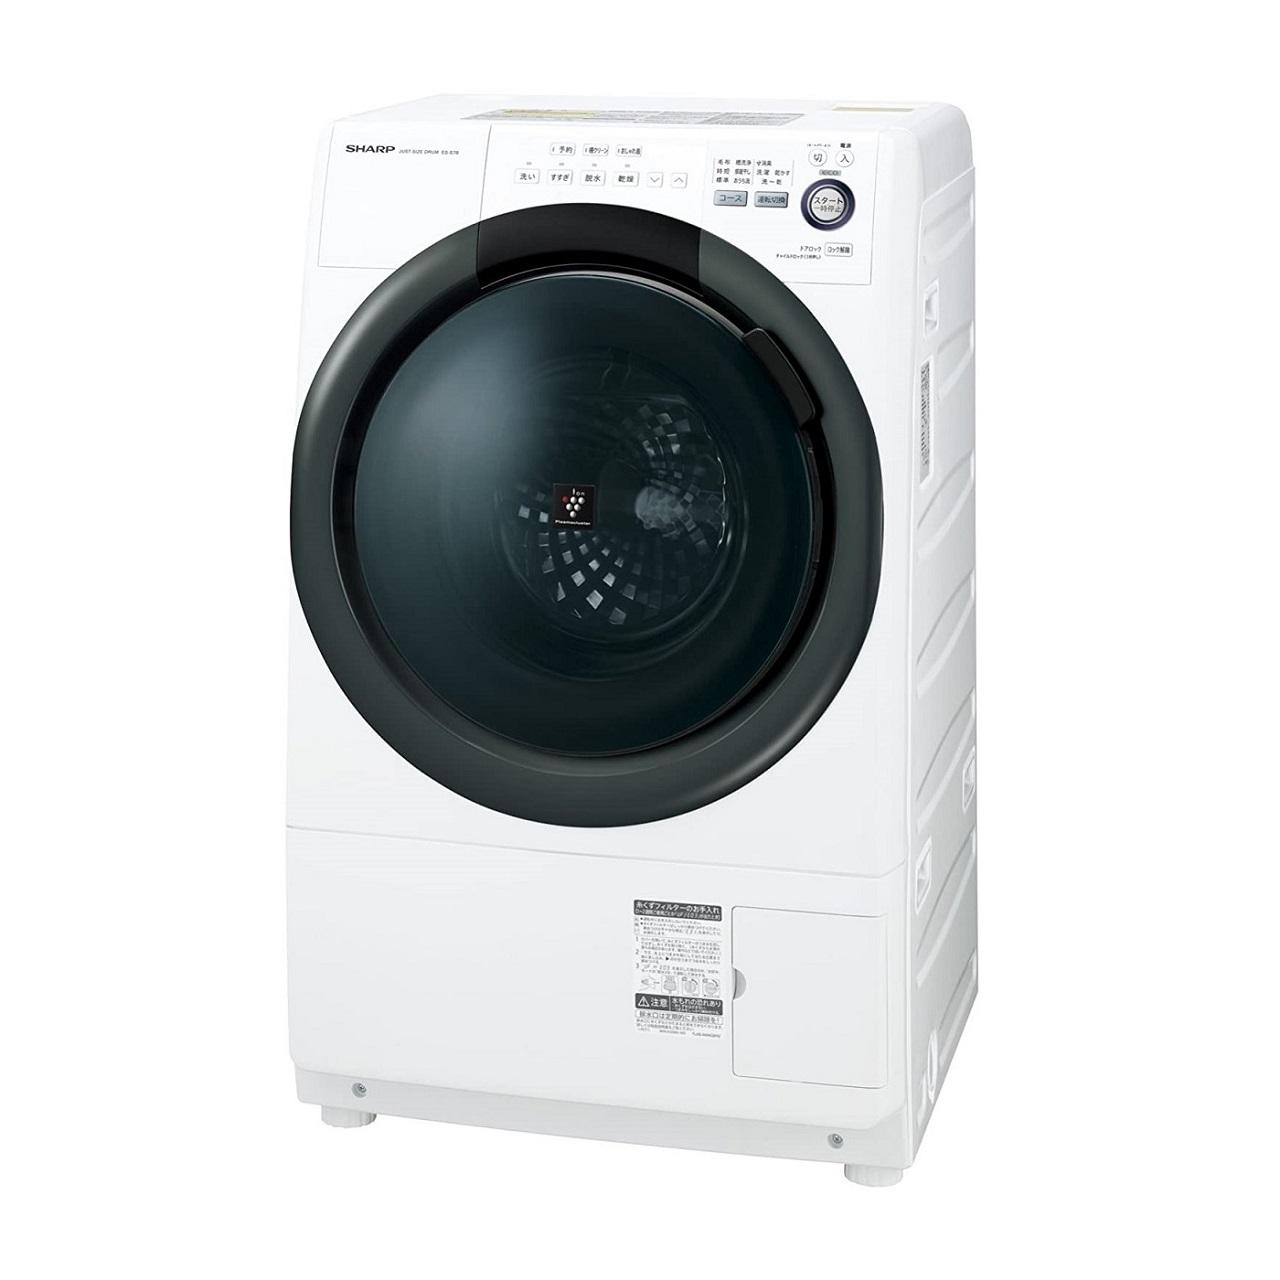 シャープES-S7Bドラム式洗濯乾燥機